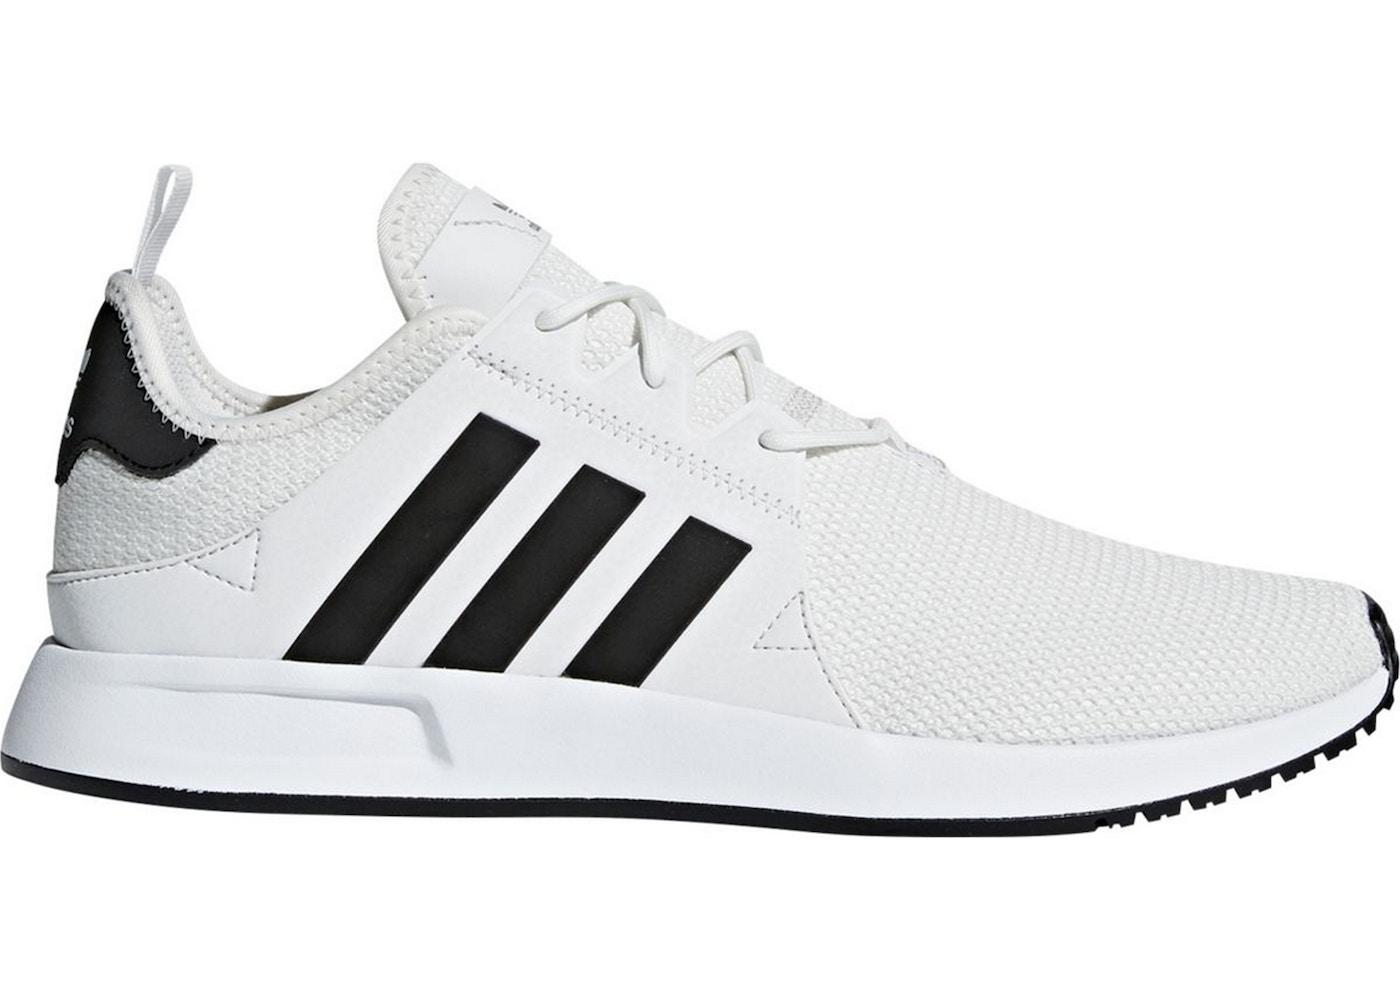 stazionario Consecutivo Aderire  adidas X PLR White Black - CQ2406